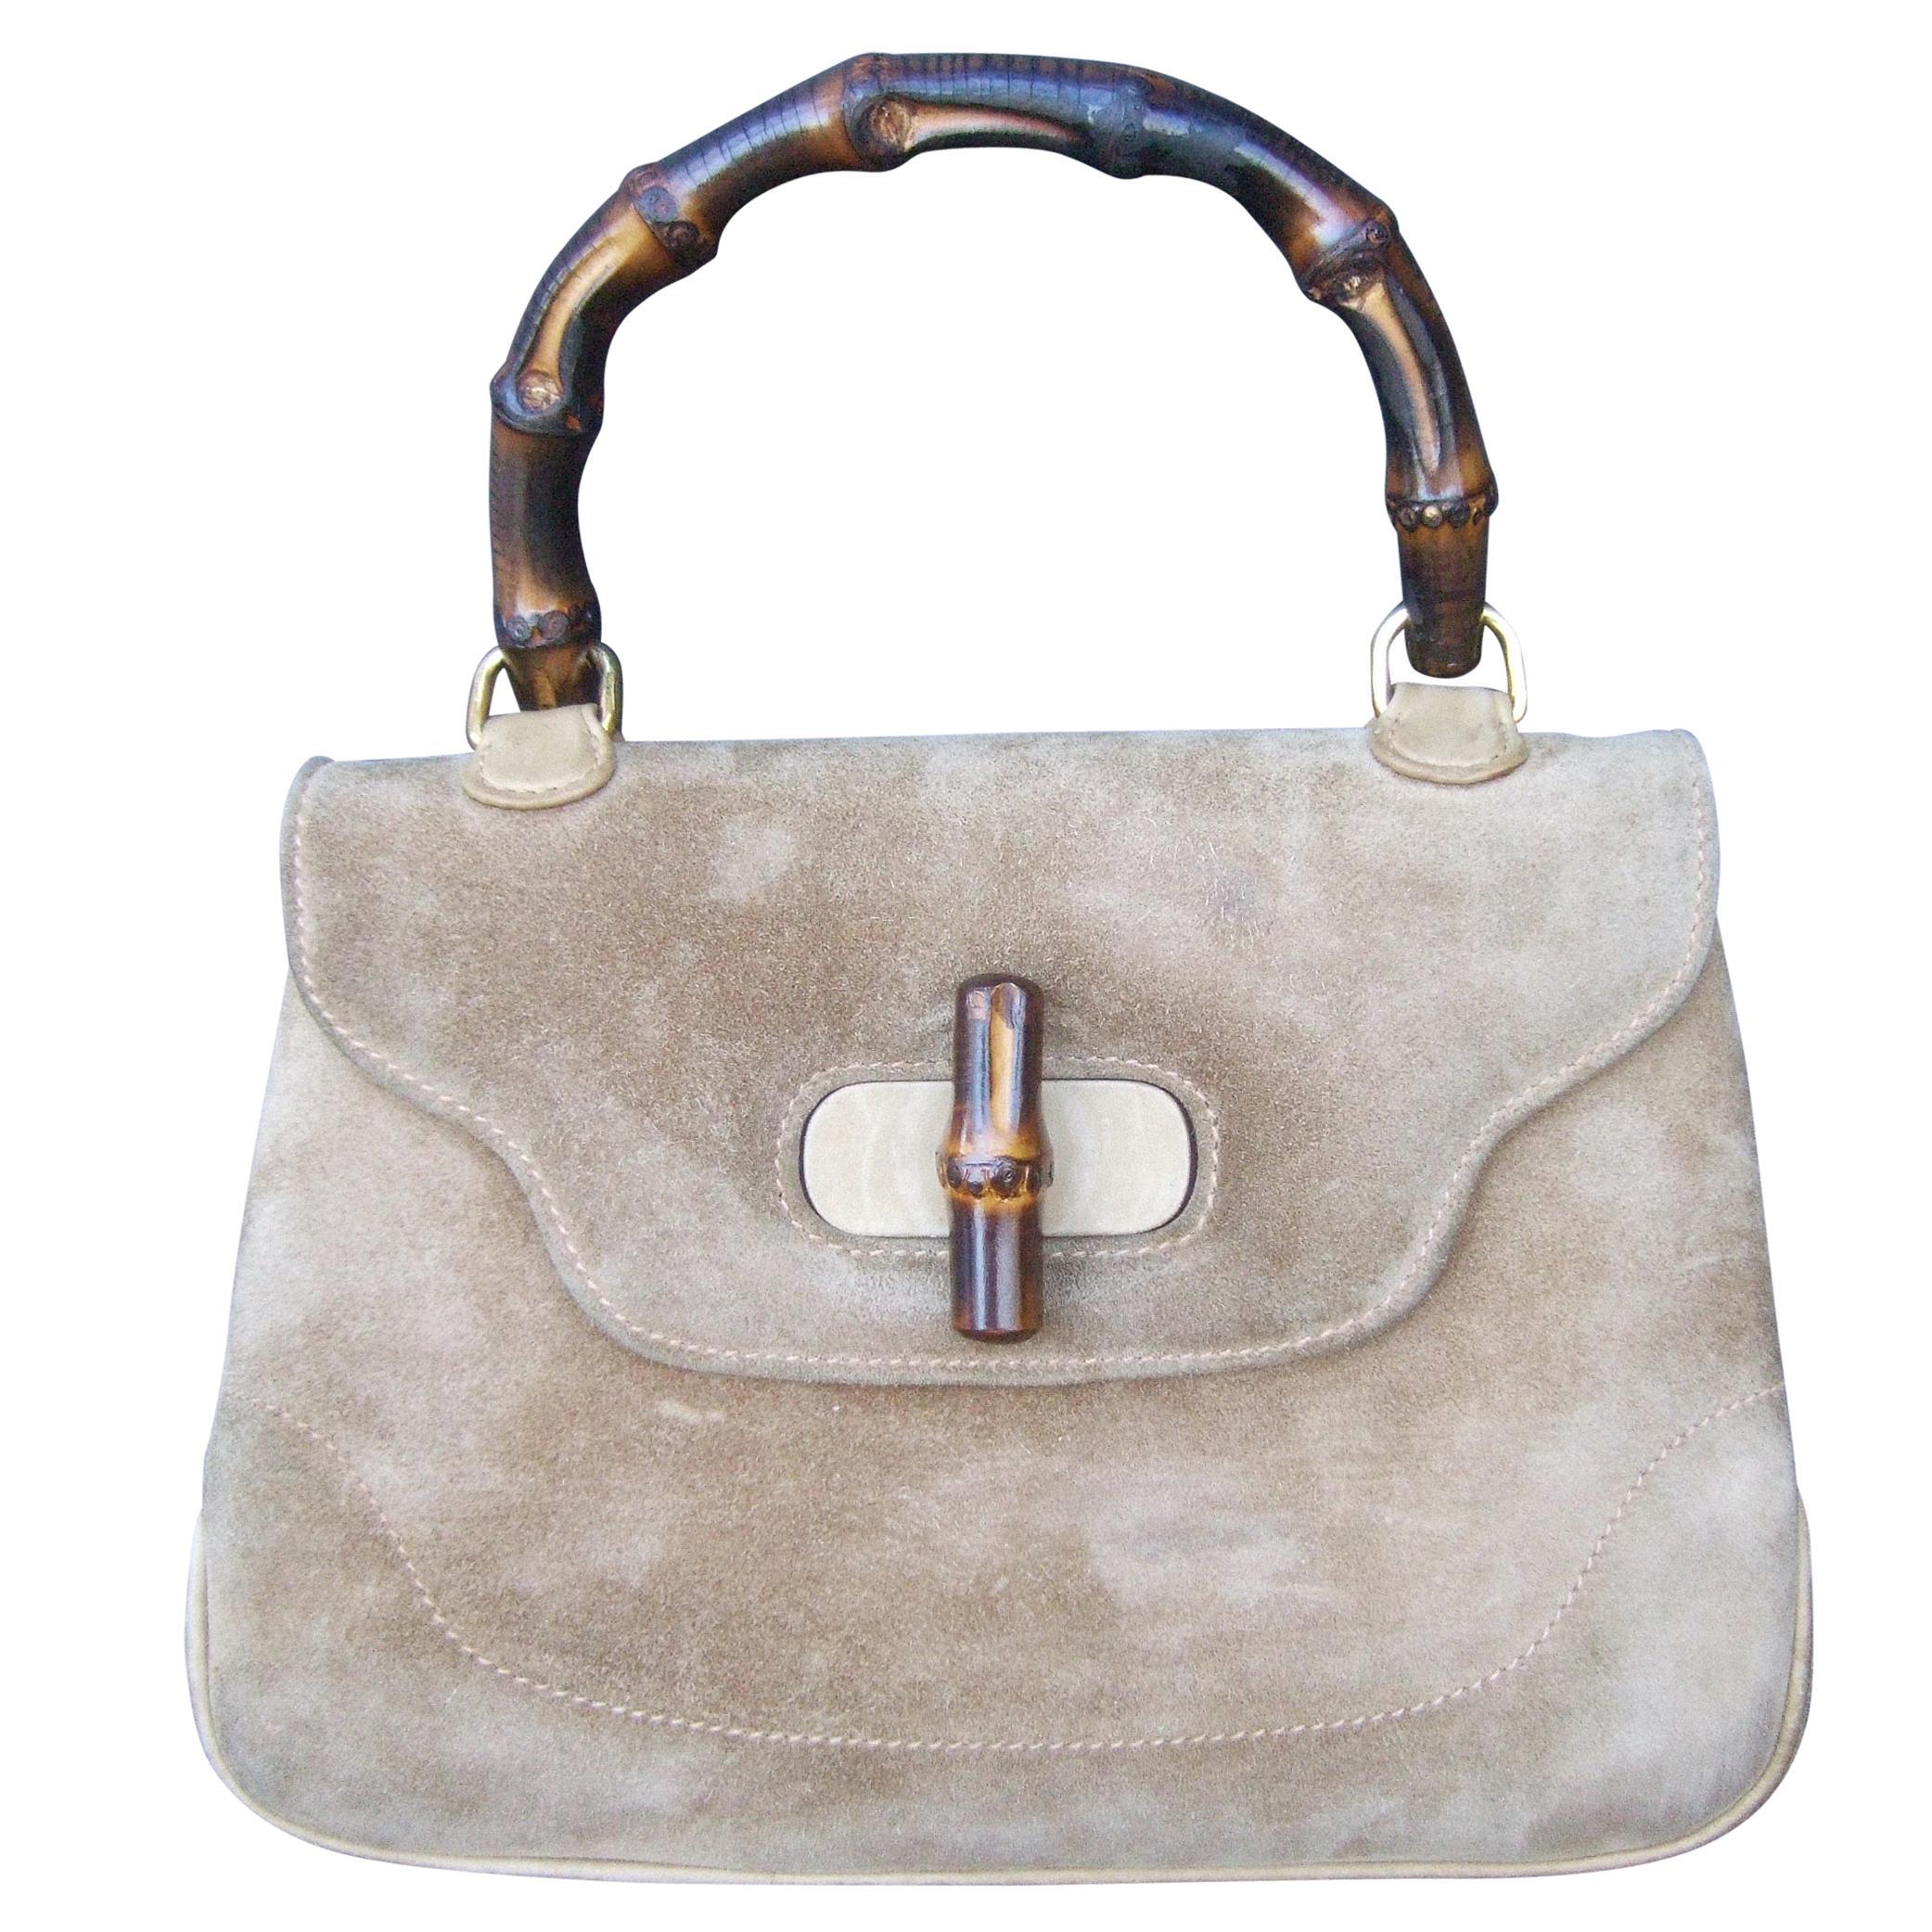 Gucci Italy Mocha Brown Suede Bamboo Handle Handbag c 1970s